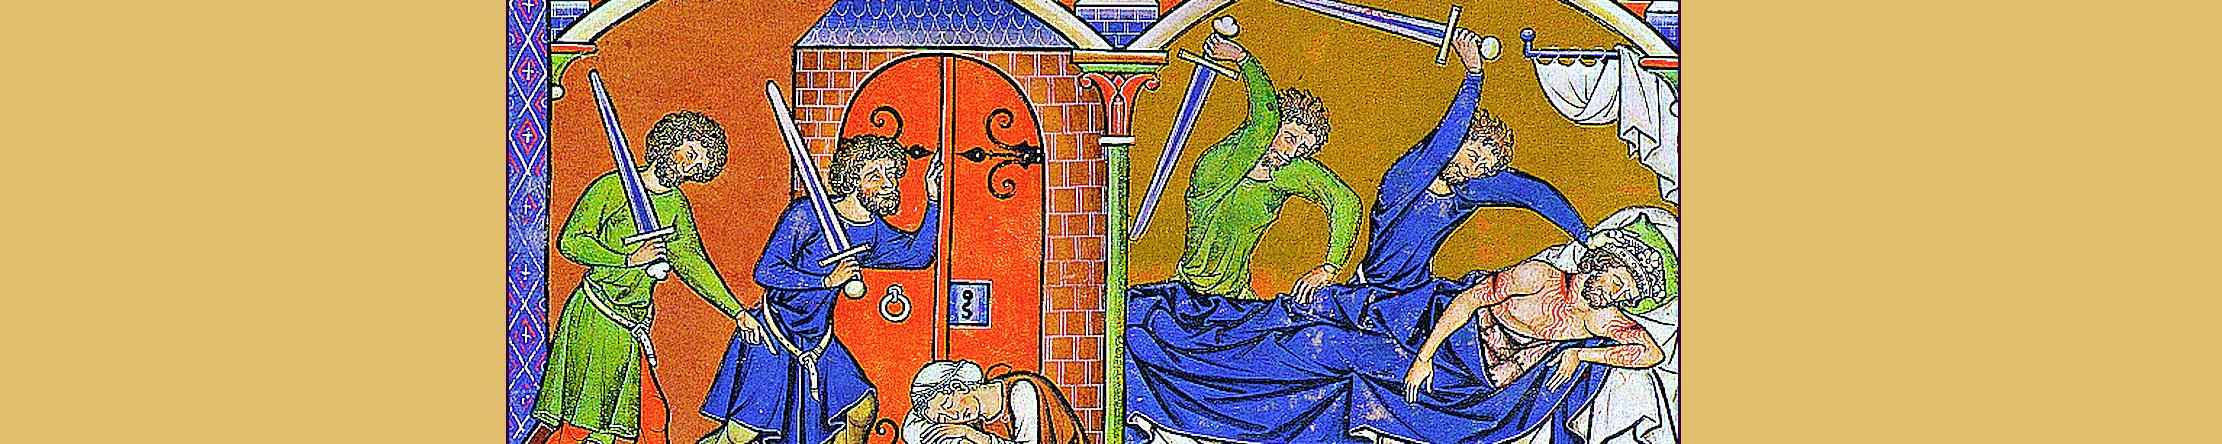 Убийство Иевосфея.